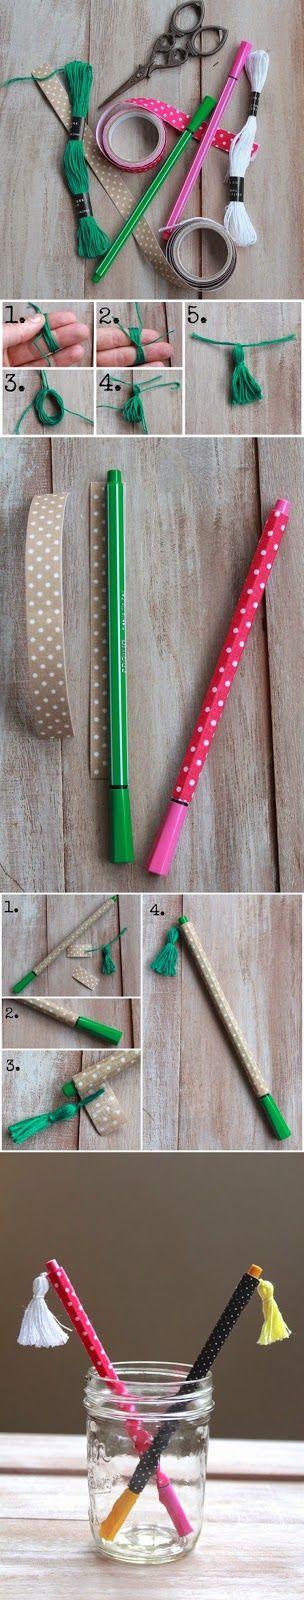 Relasé: Penne rivestite con il nastro DIY - tutorial fotografico